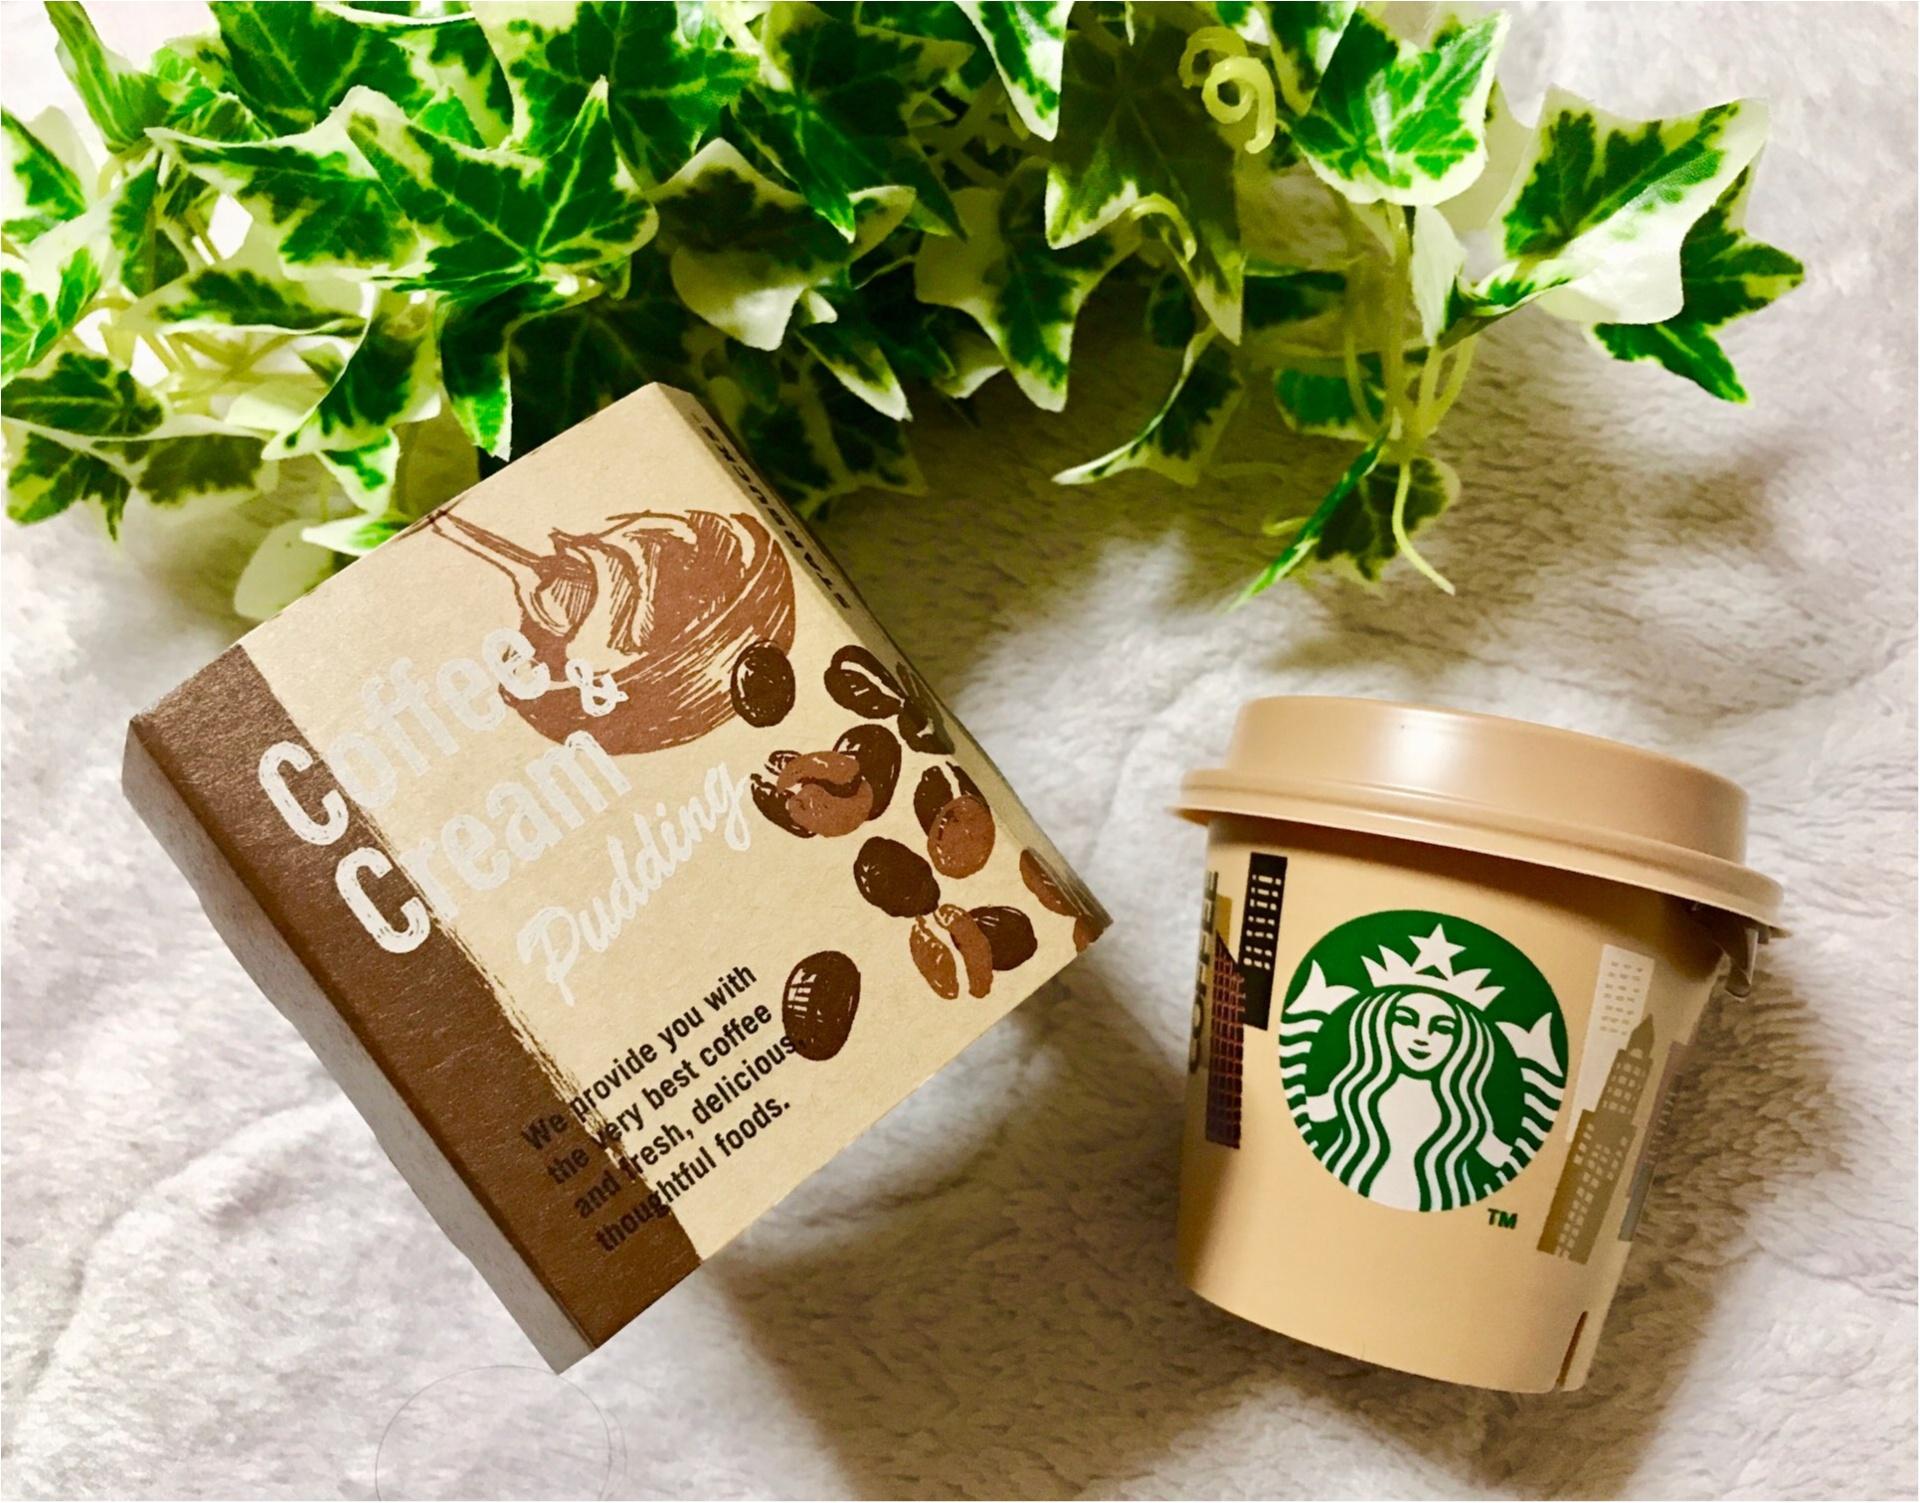 【スタバ】ドリンクだけじゃない!大人気のスタバプリンから《コーヒー&クリームプリン》が新発売★なんとプリンの中にコーヒージェリーが♡♡_1